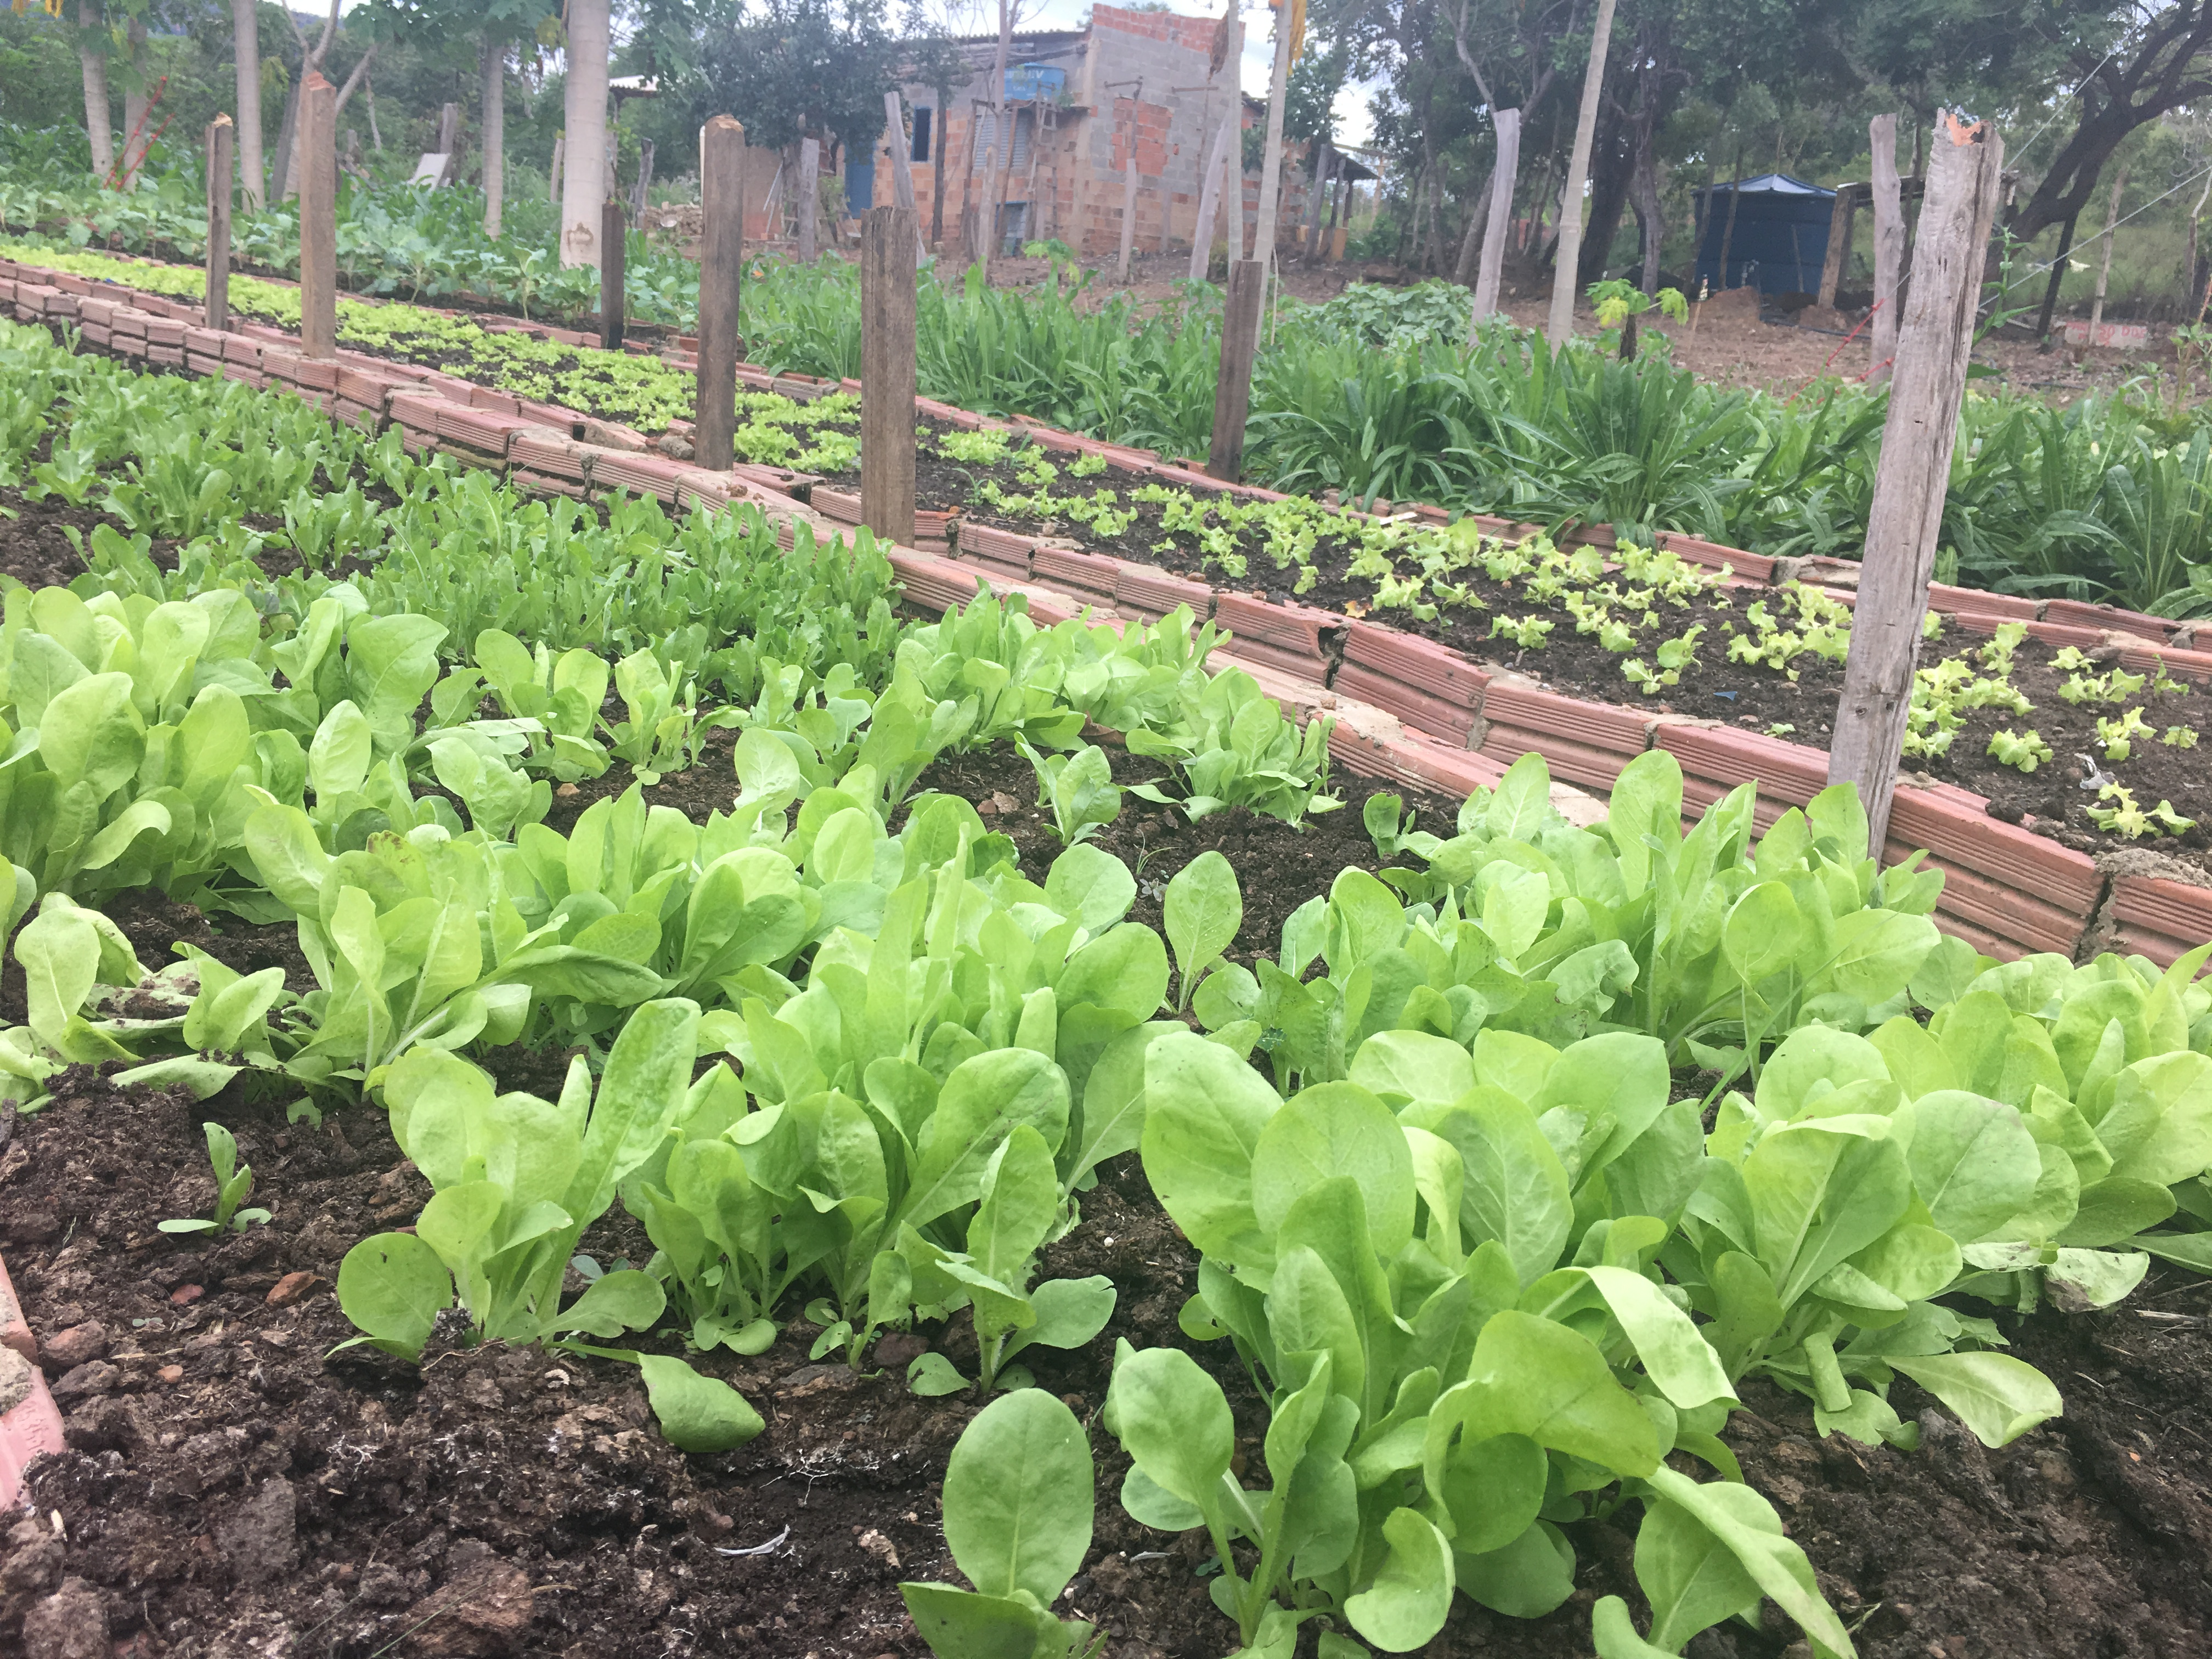 Horta cultivada por alunos ajuda a abastecer nove escolas municipais em Palmas